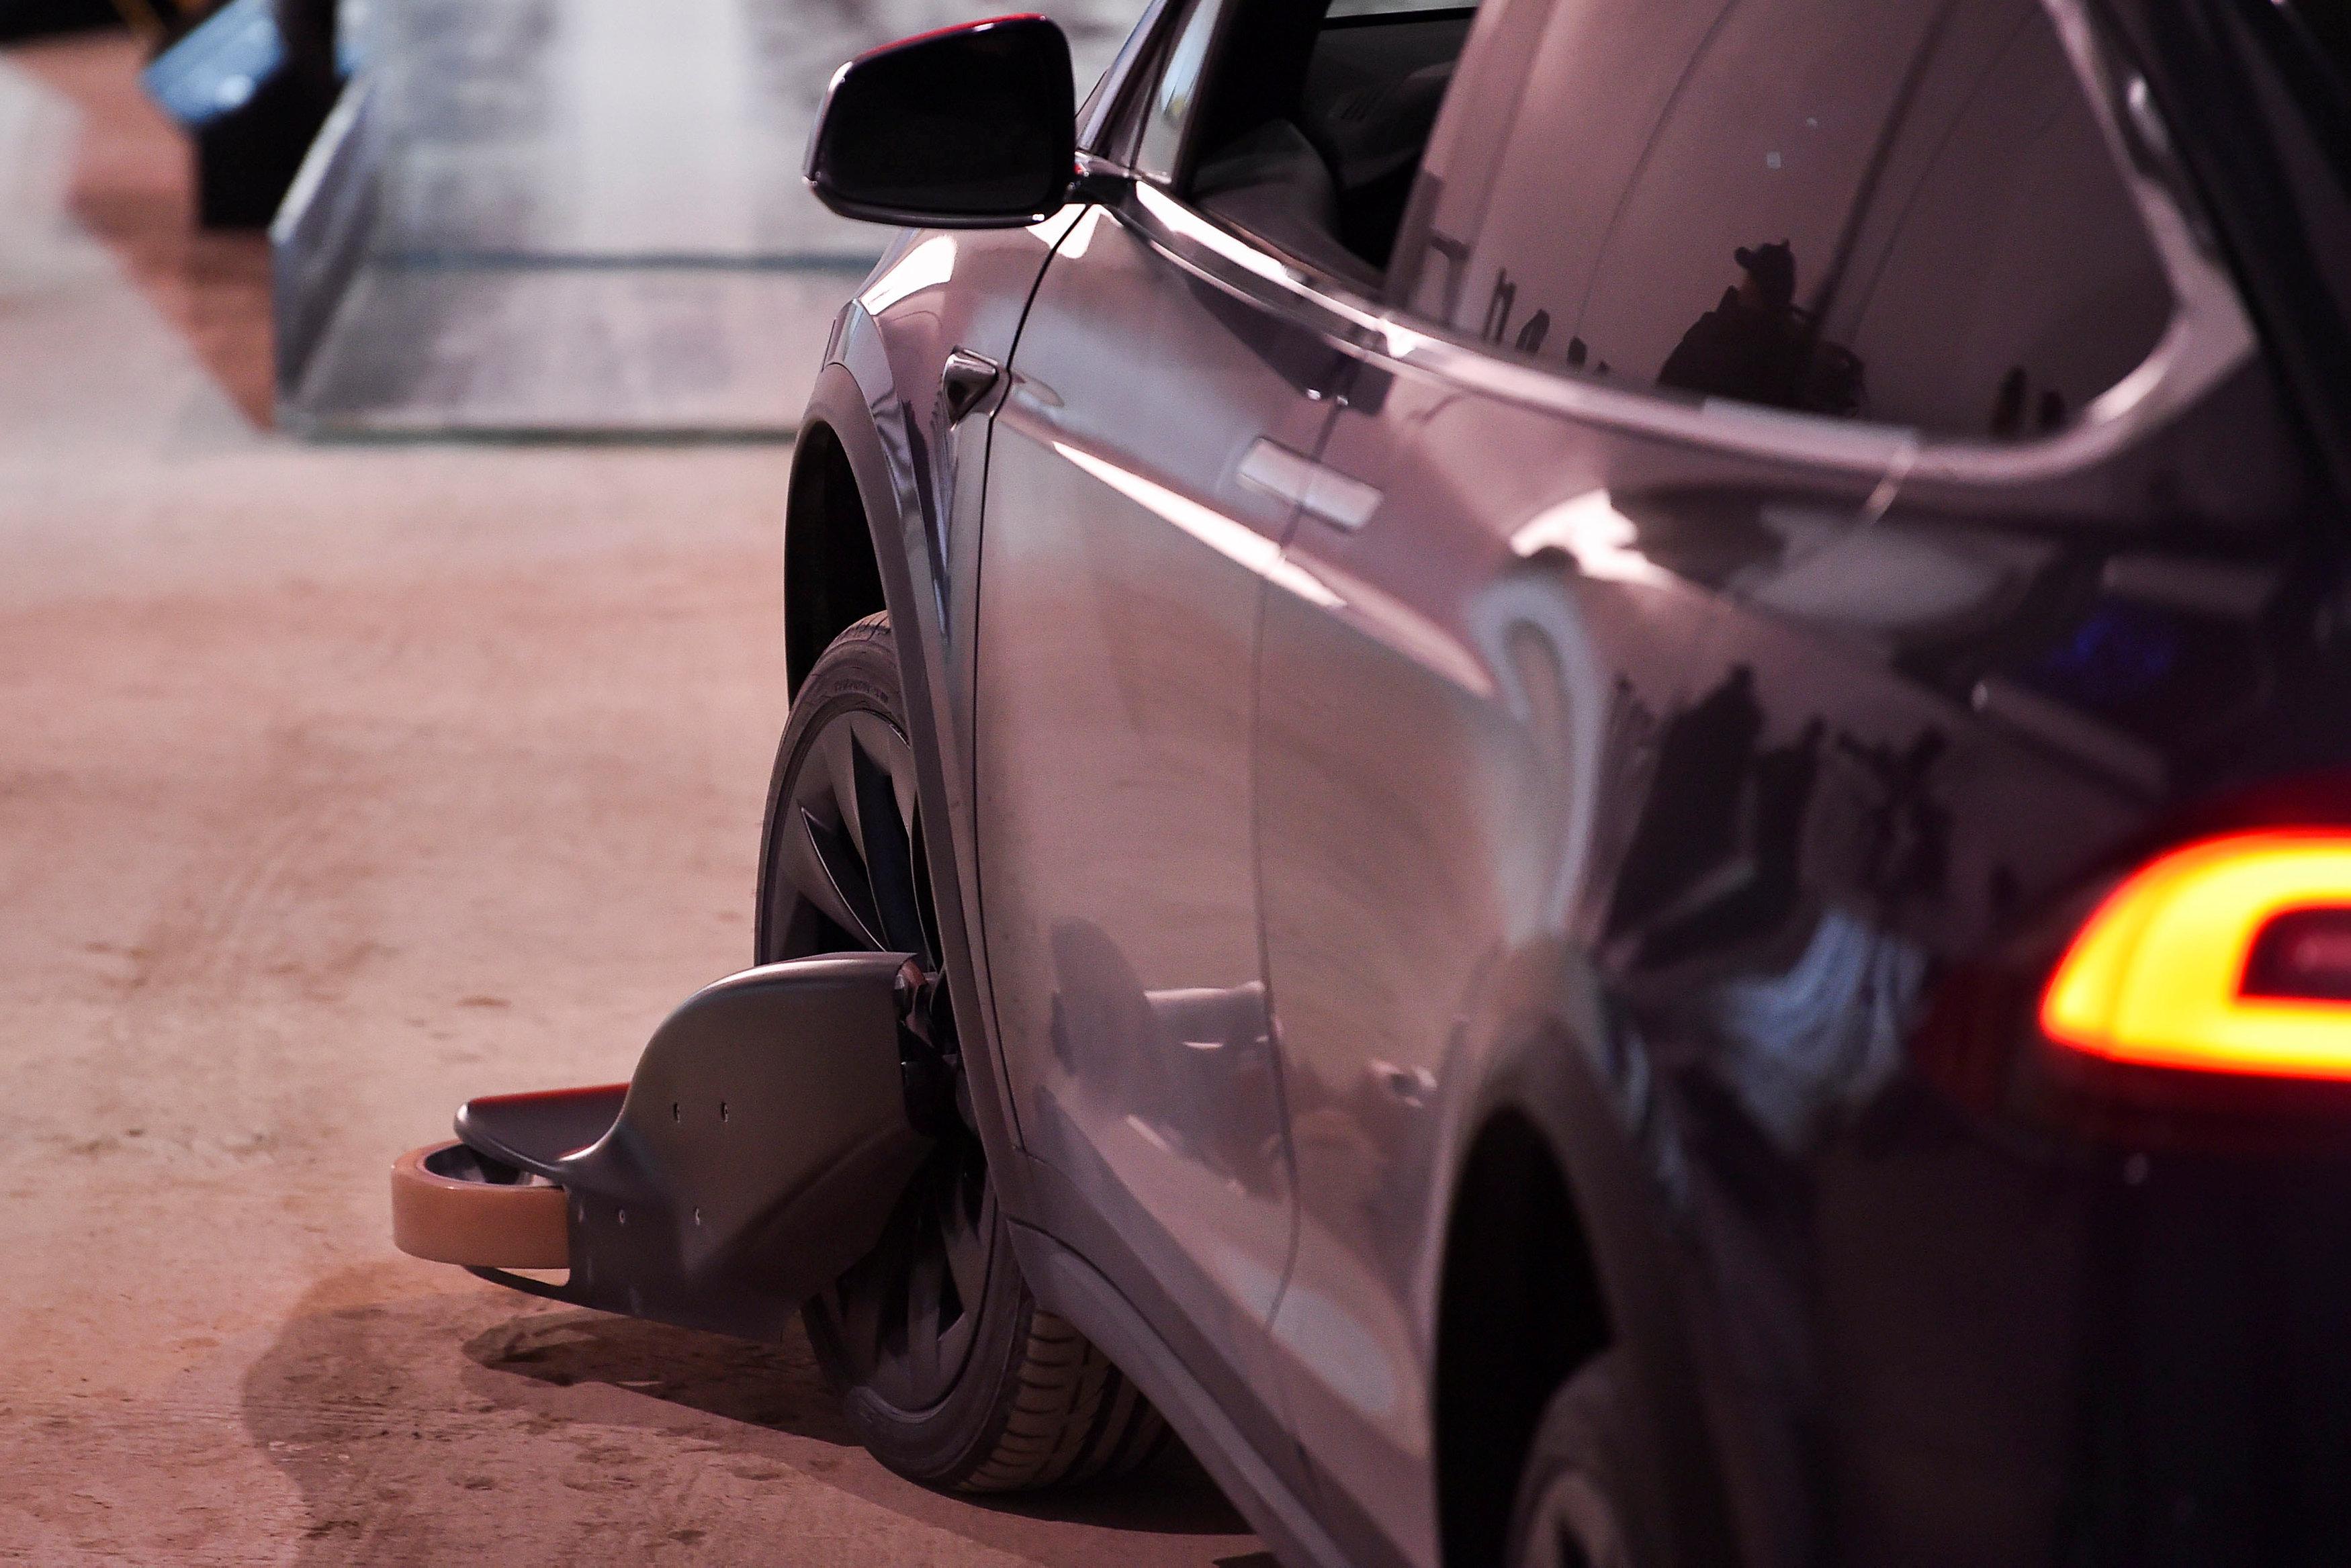 أحد سيارات شركة تيسلا تستعد لدخول النفق